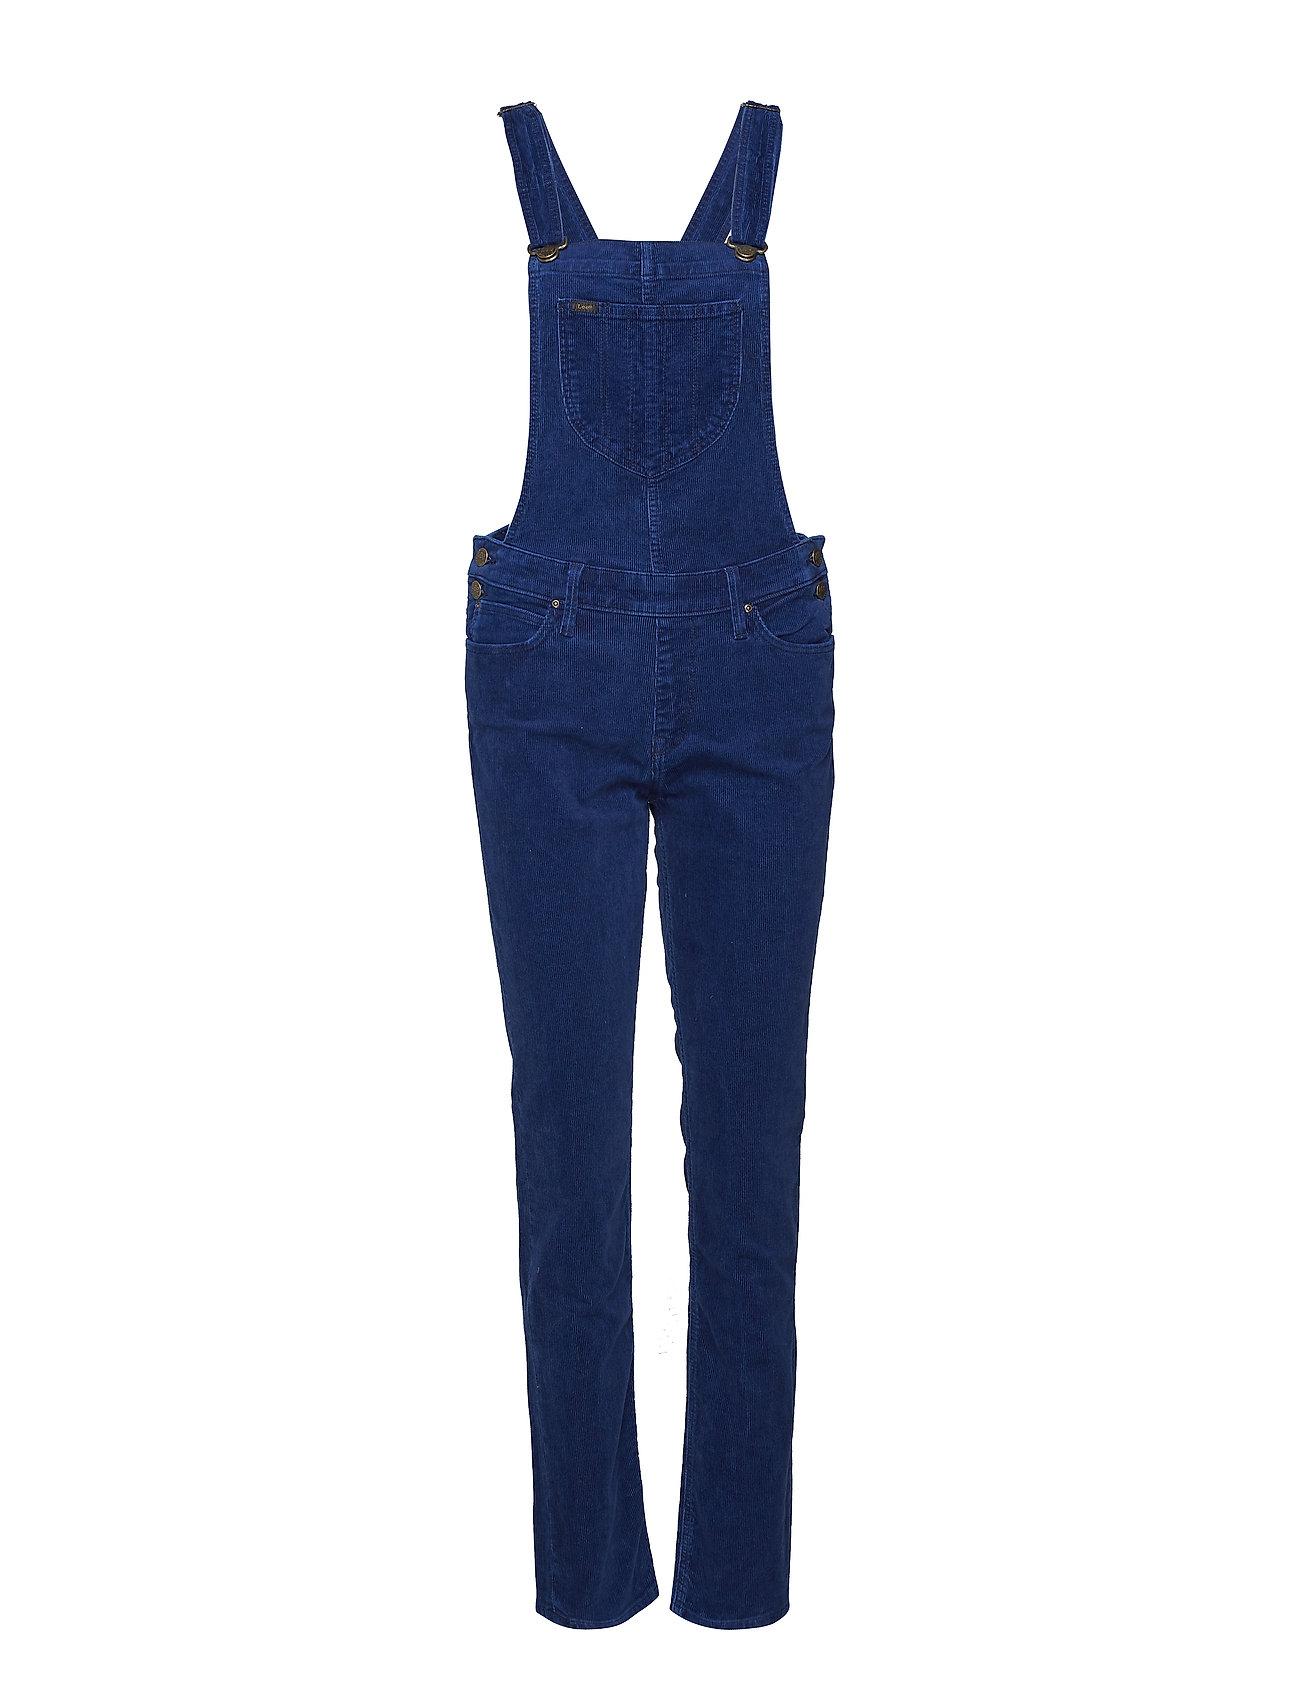 Lee Jeans SLIM BIB Jumpsuits